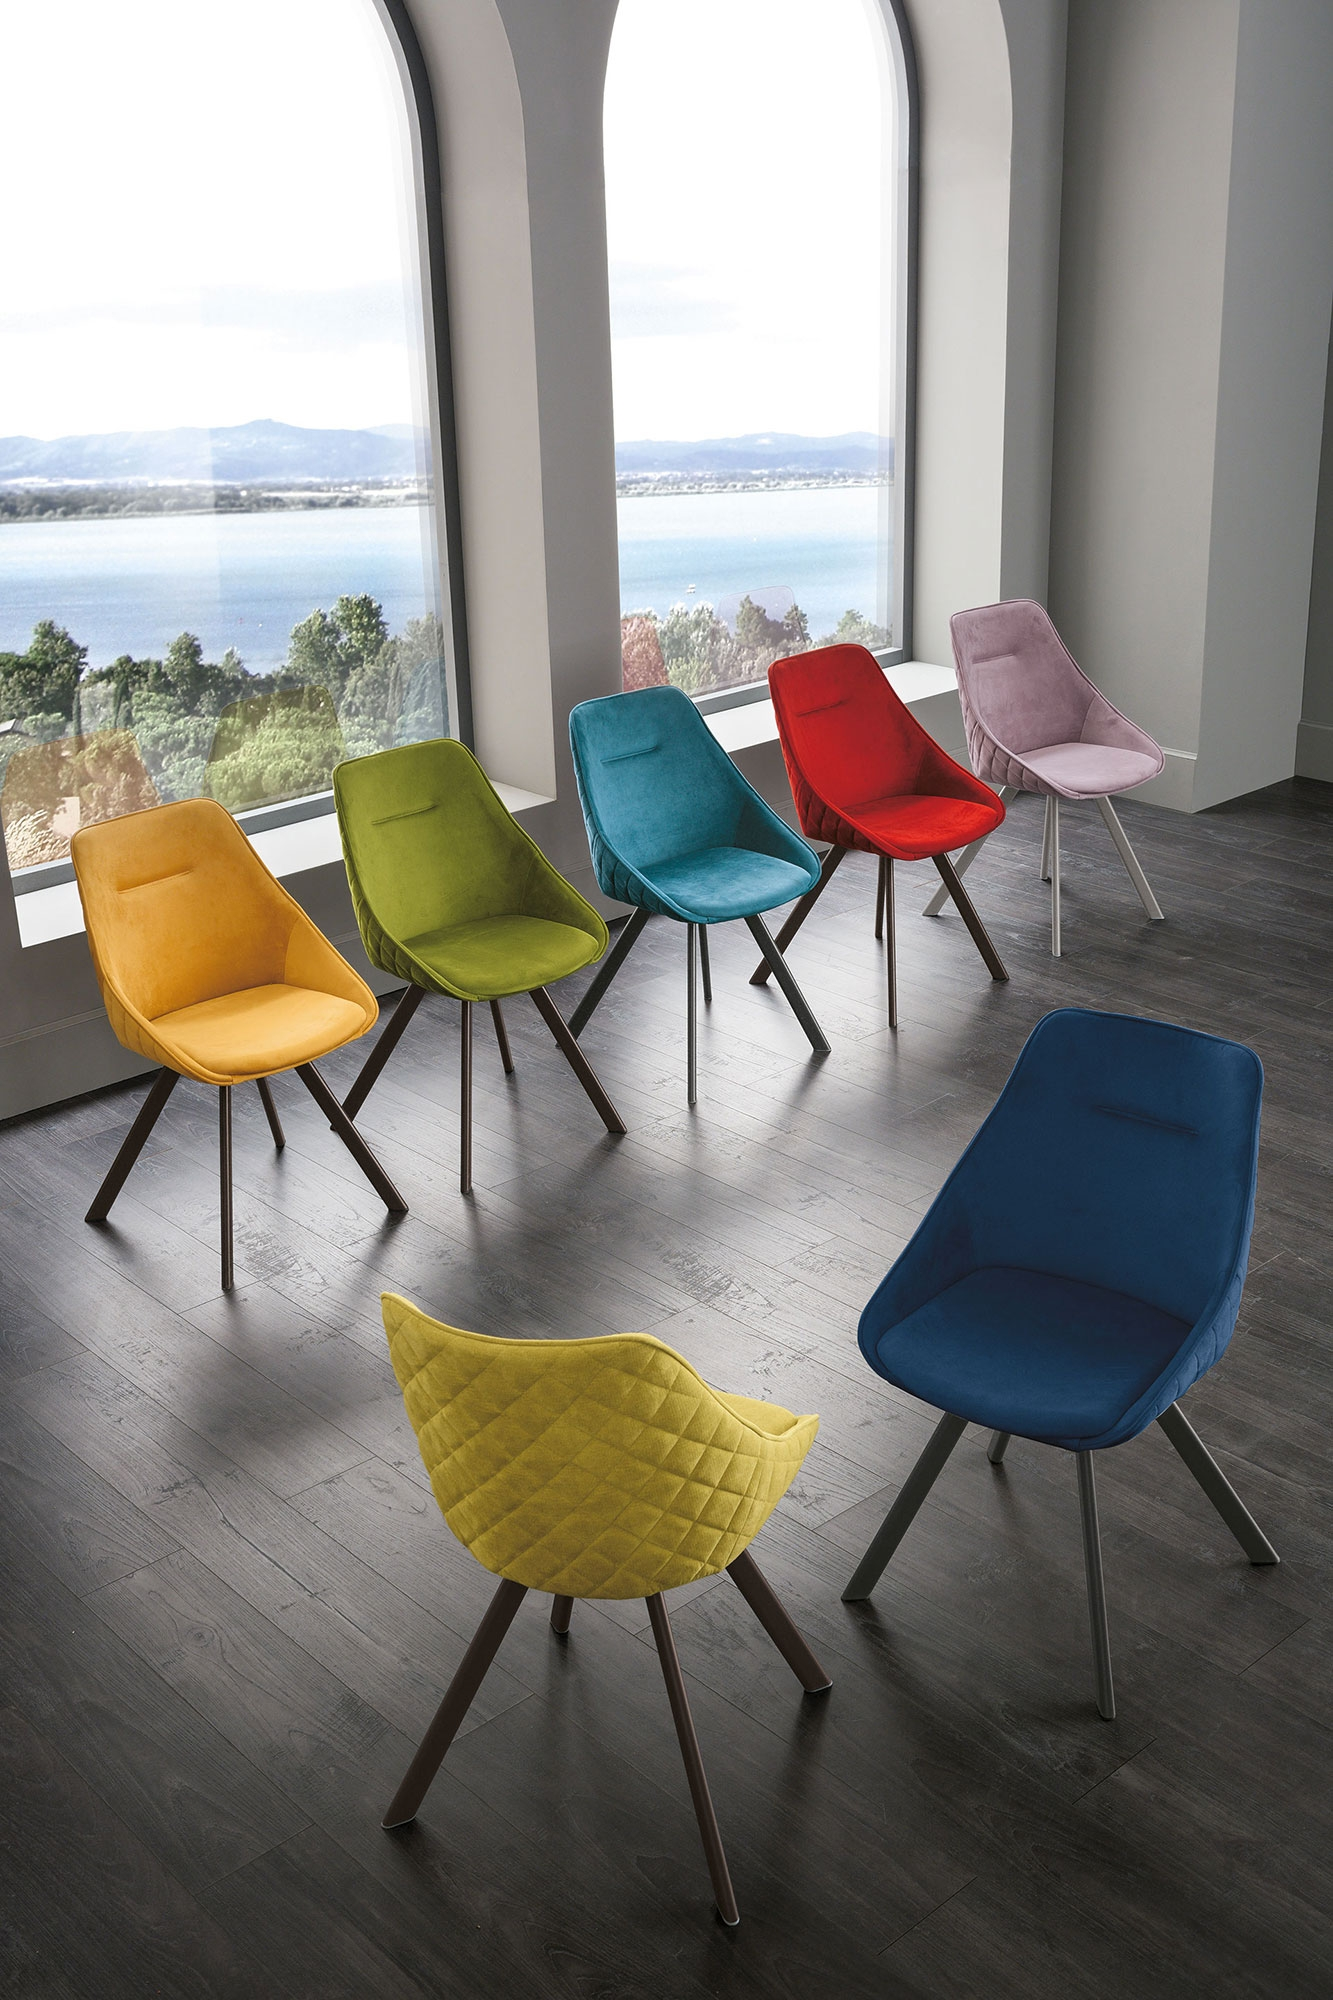 Sedia Bilbao color